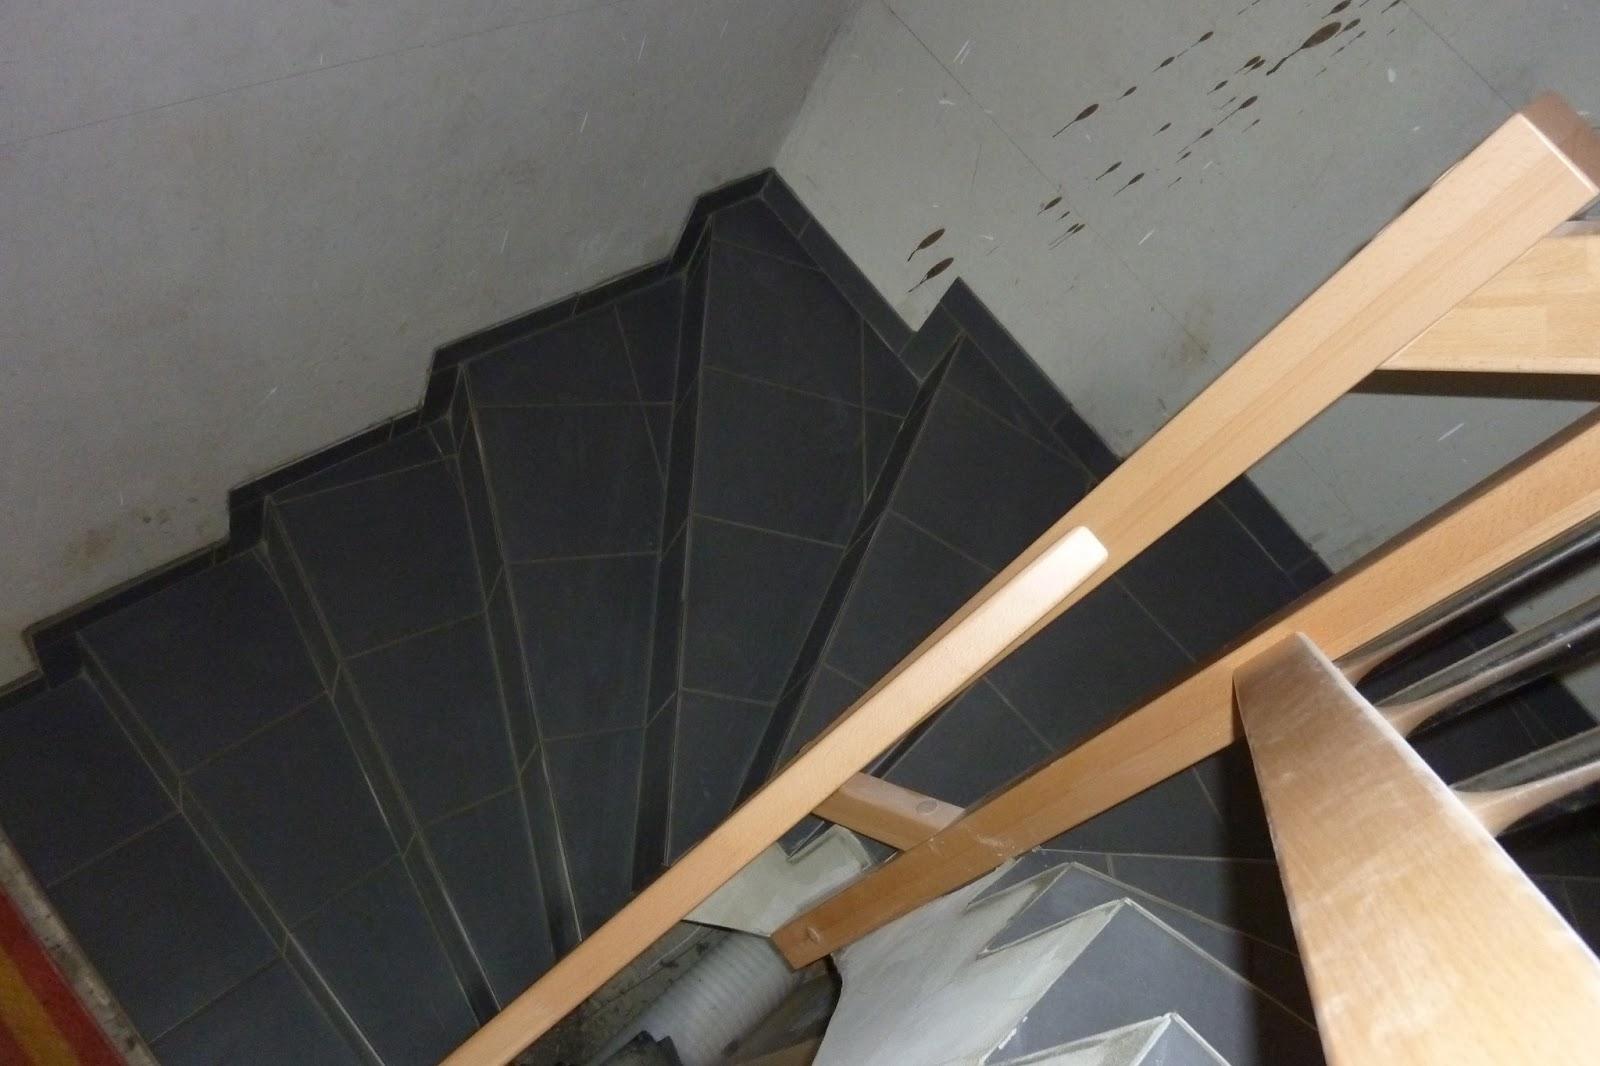 bauen mit danwood glatthaar bautagebuch aus der eifel kellertreppe keller und sowas. Black Bedroom Furniture Sets. Home Design Ideas